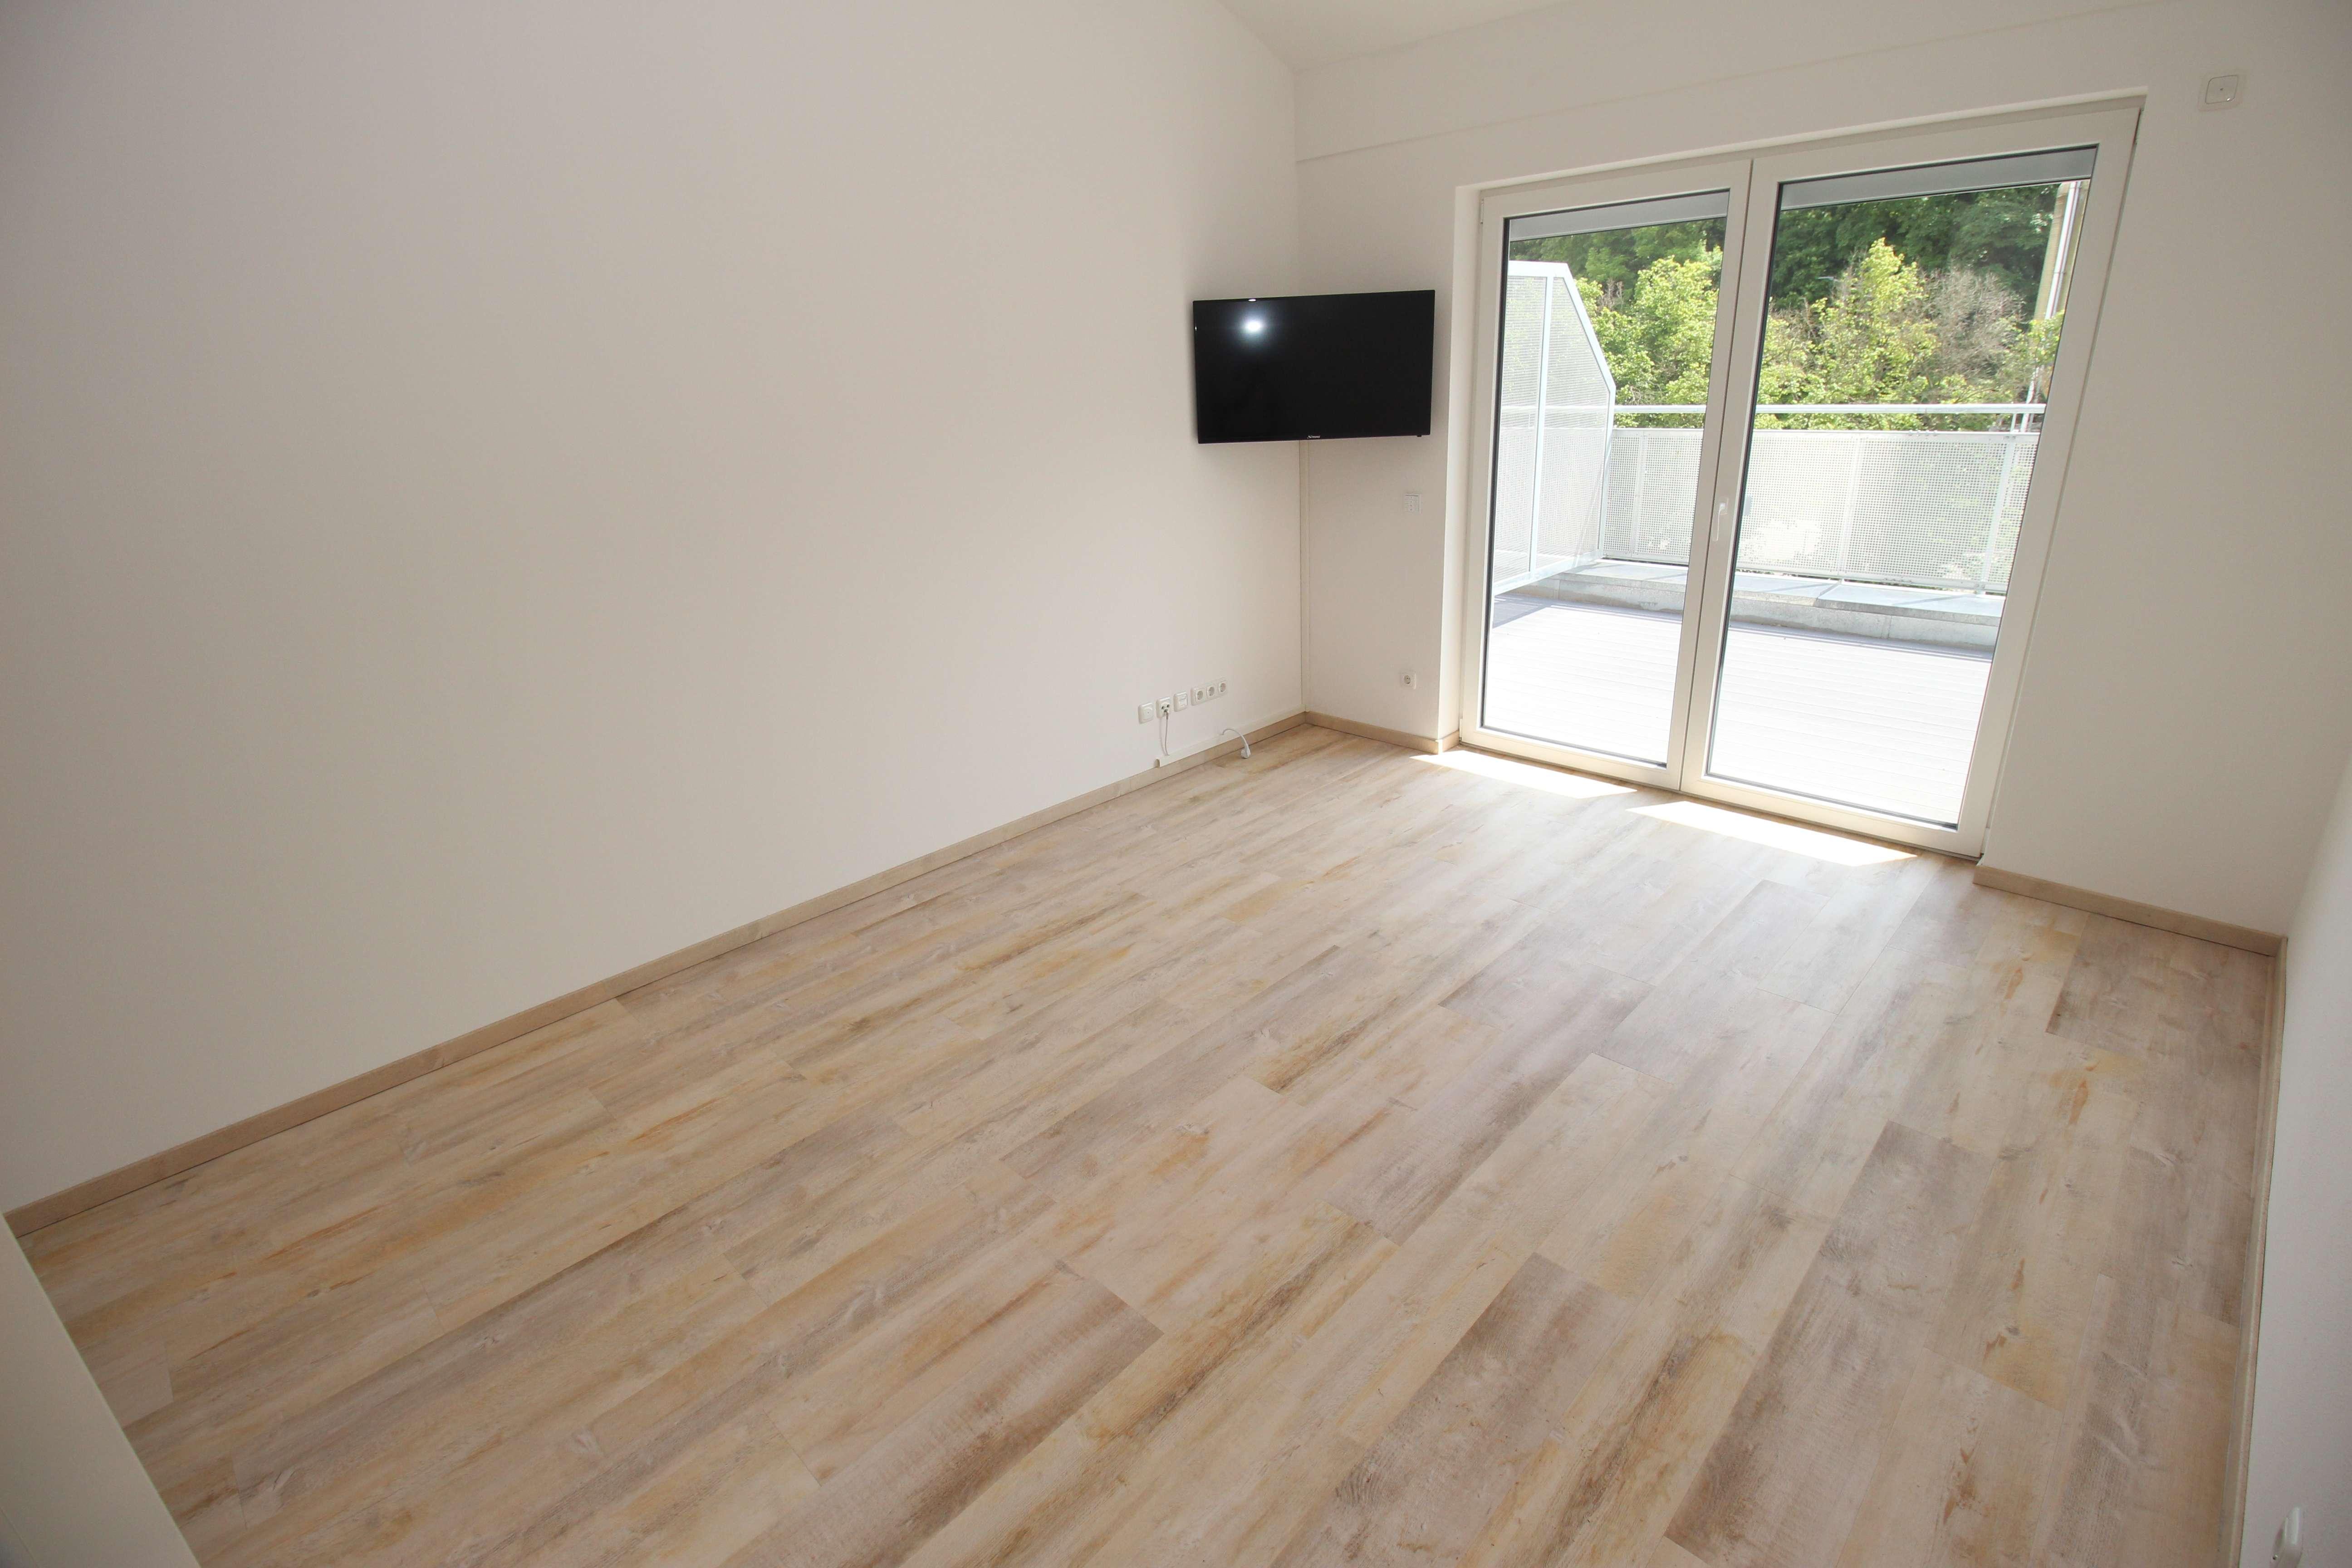 1 Zimmer-Wohnungen f. Studenten im dualen Studium, Azubis, Referendare oder Wochenendheimfahrer